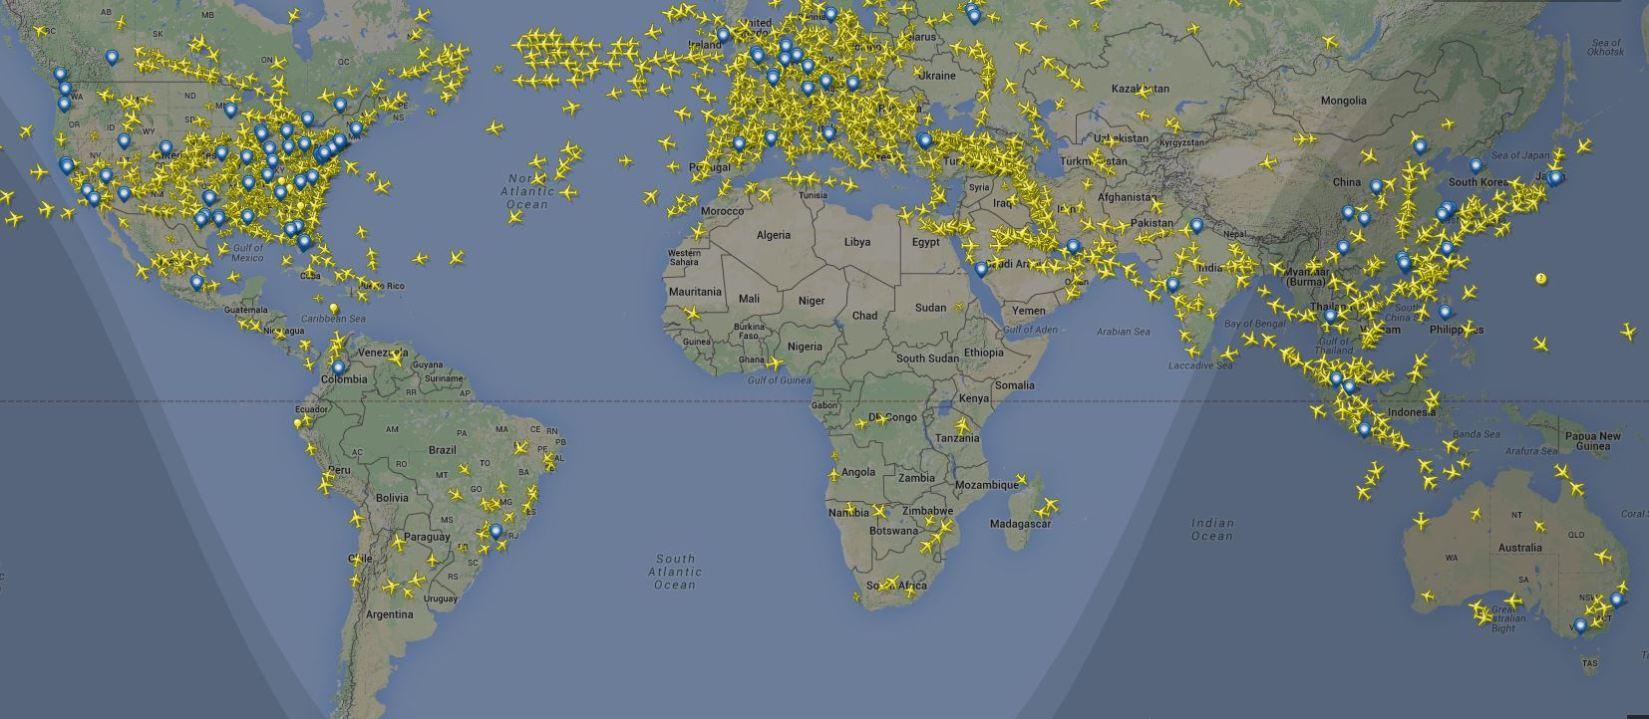 Imagem do site Flight Radar clique para ampliar